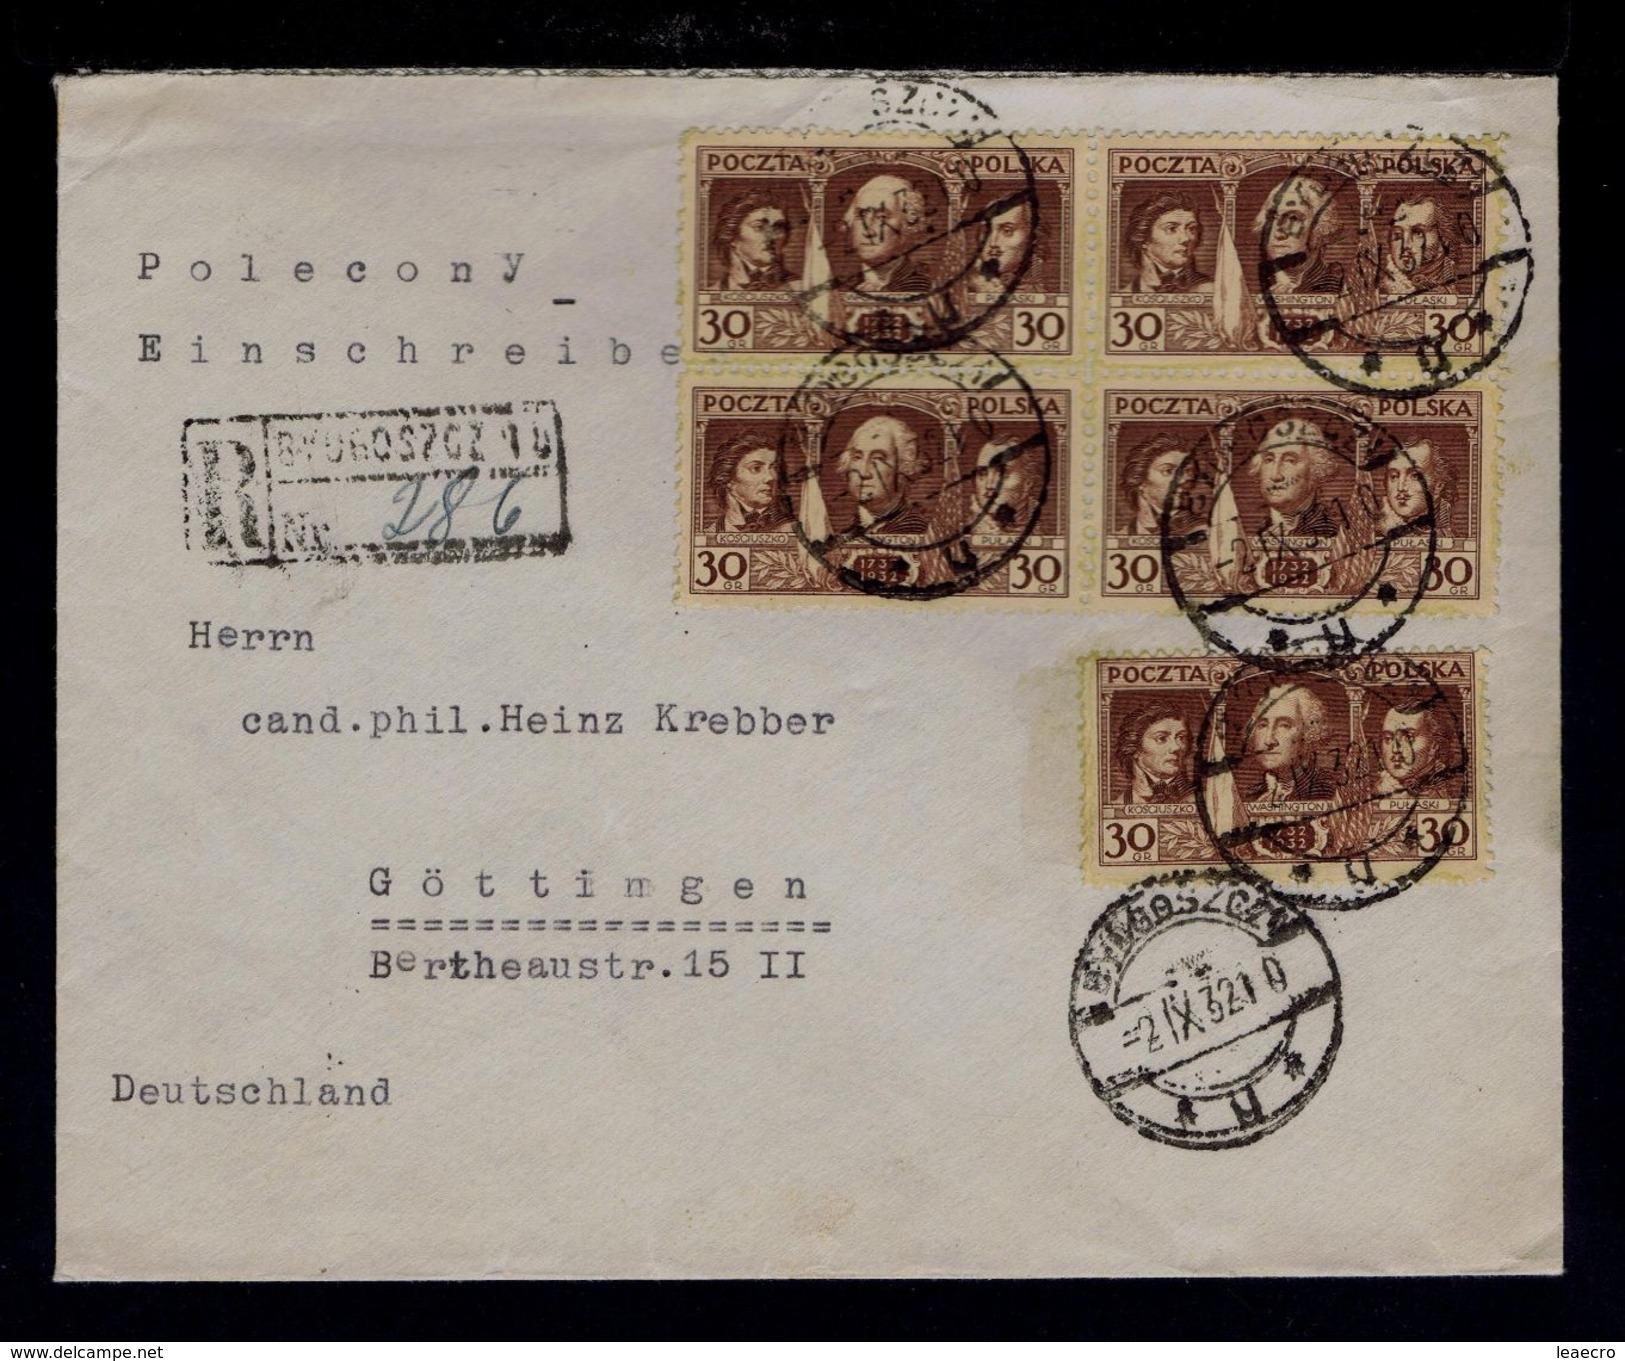 PULASKI KOSCIUSZKO WASHINGTON USA Pologne 5x Cover GOTTINGEN 1932 Célébrités Famous People Gc3050 - George Washington